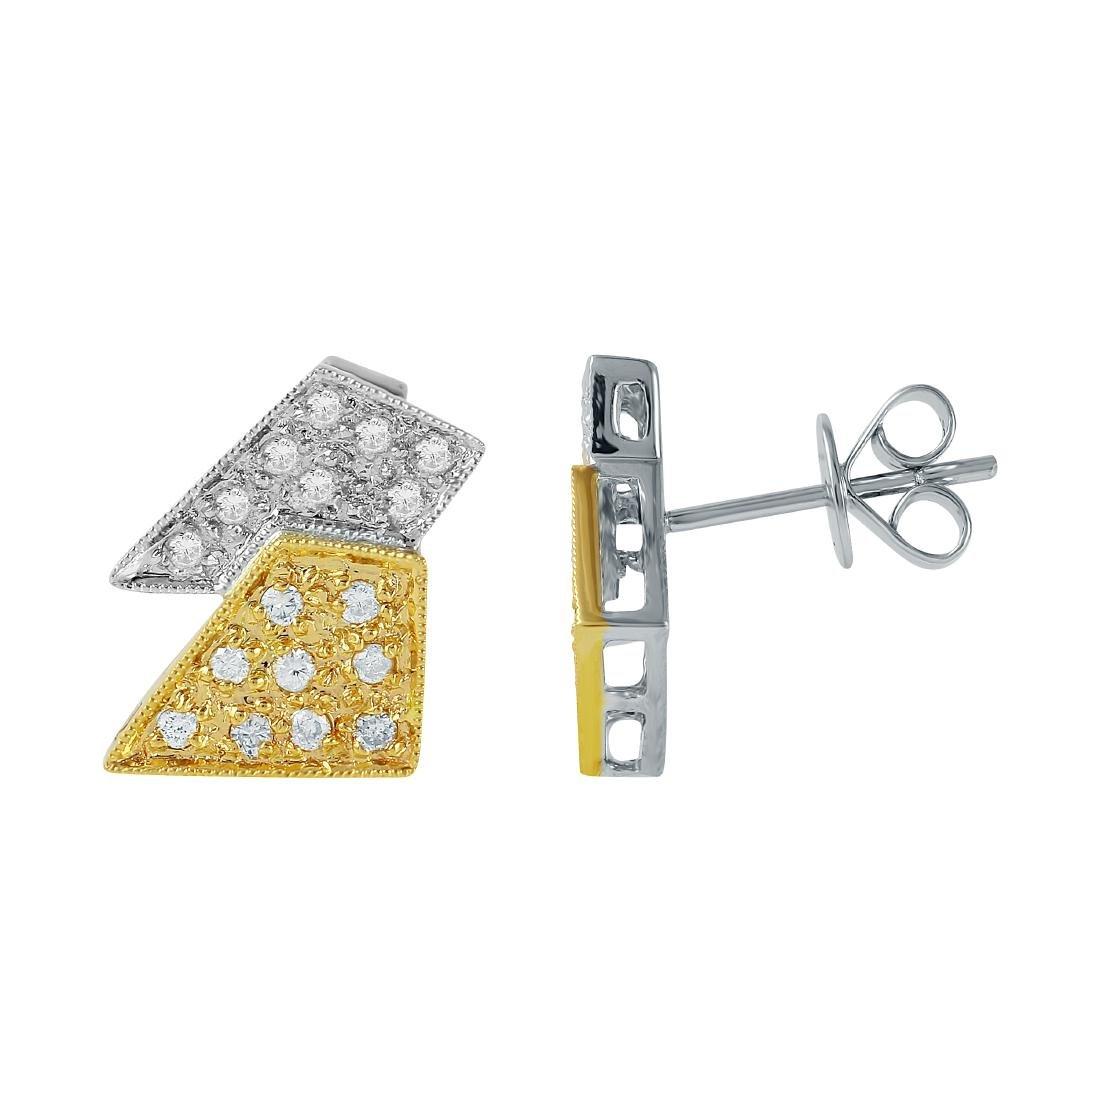 14KT Two Tone Gold Diamond Stud Earrings - 3